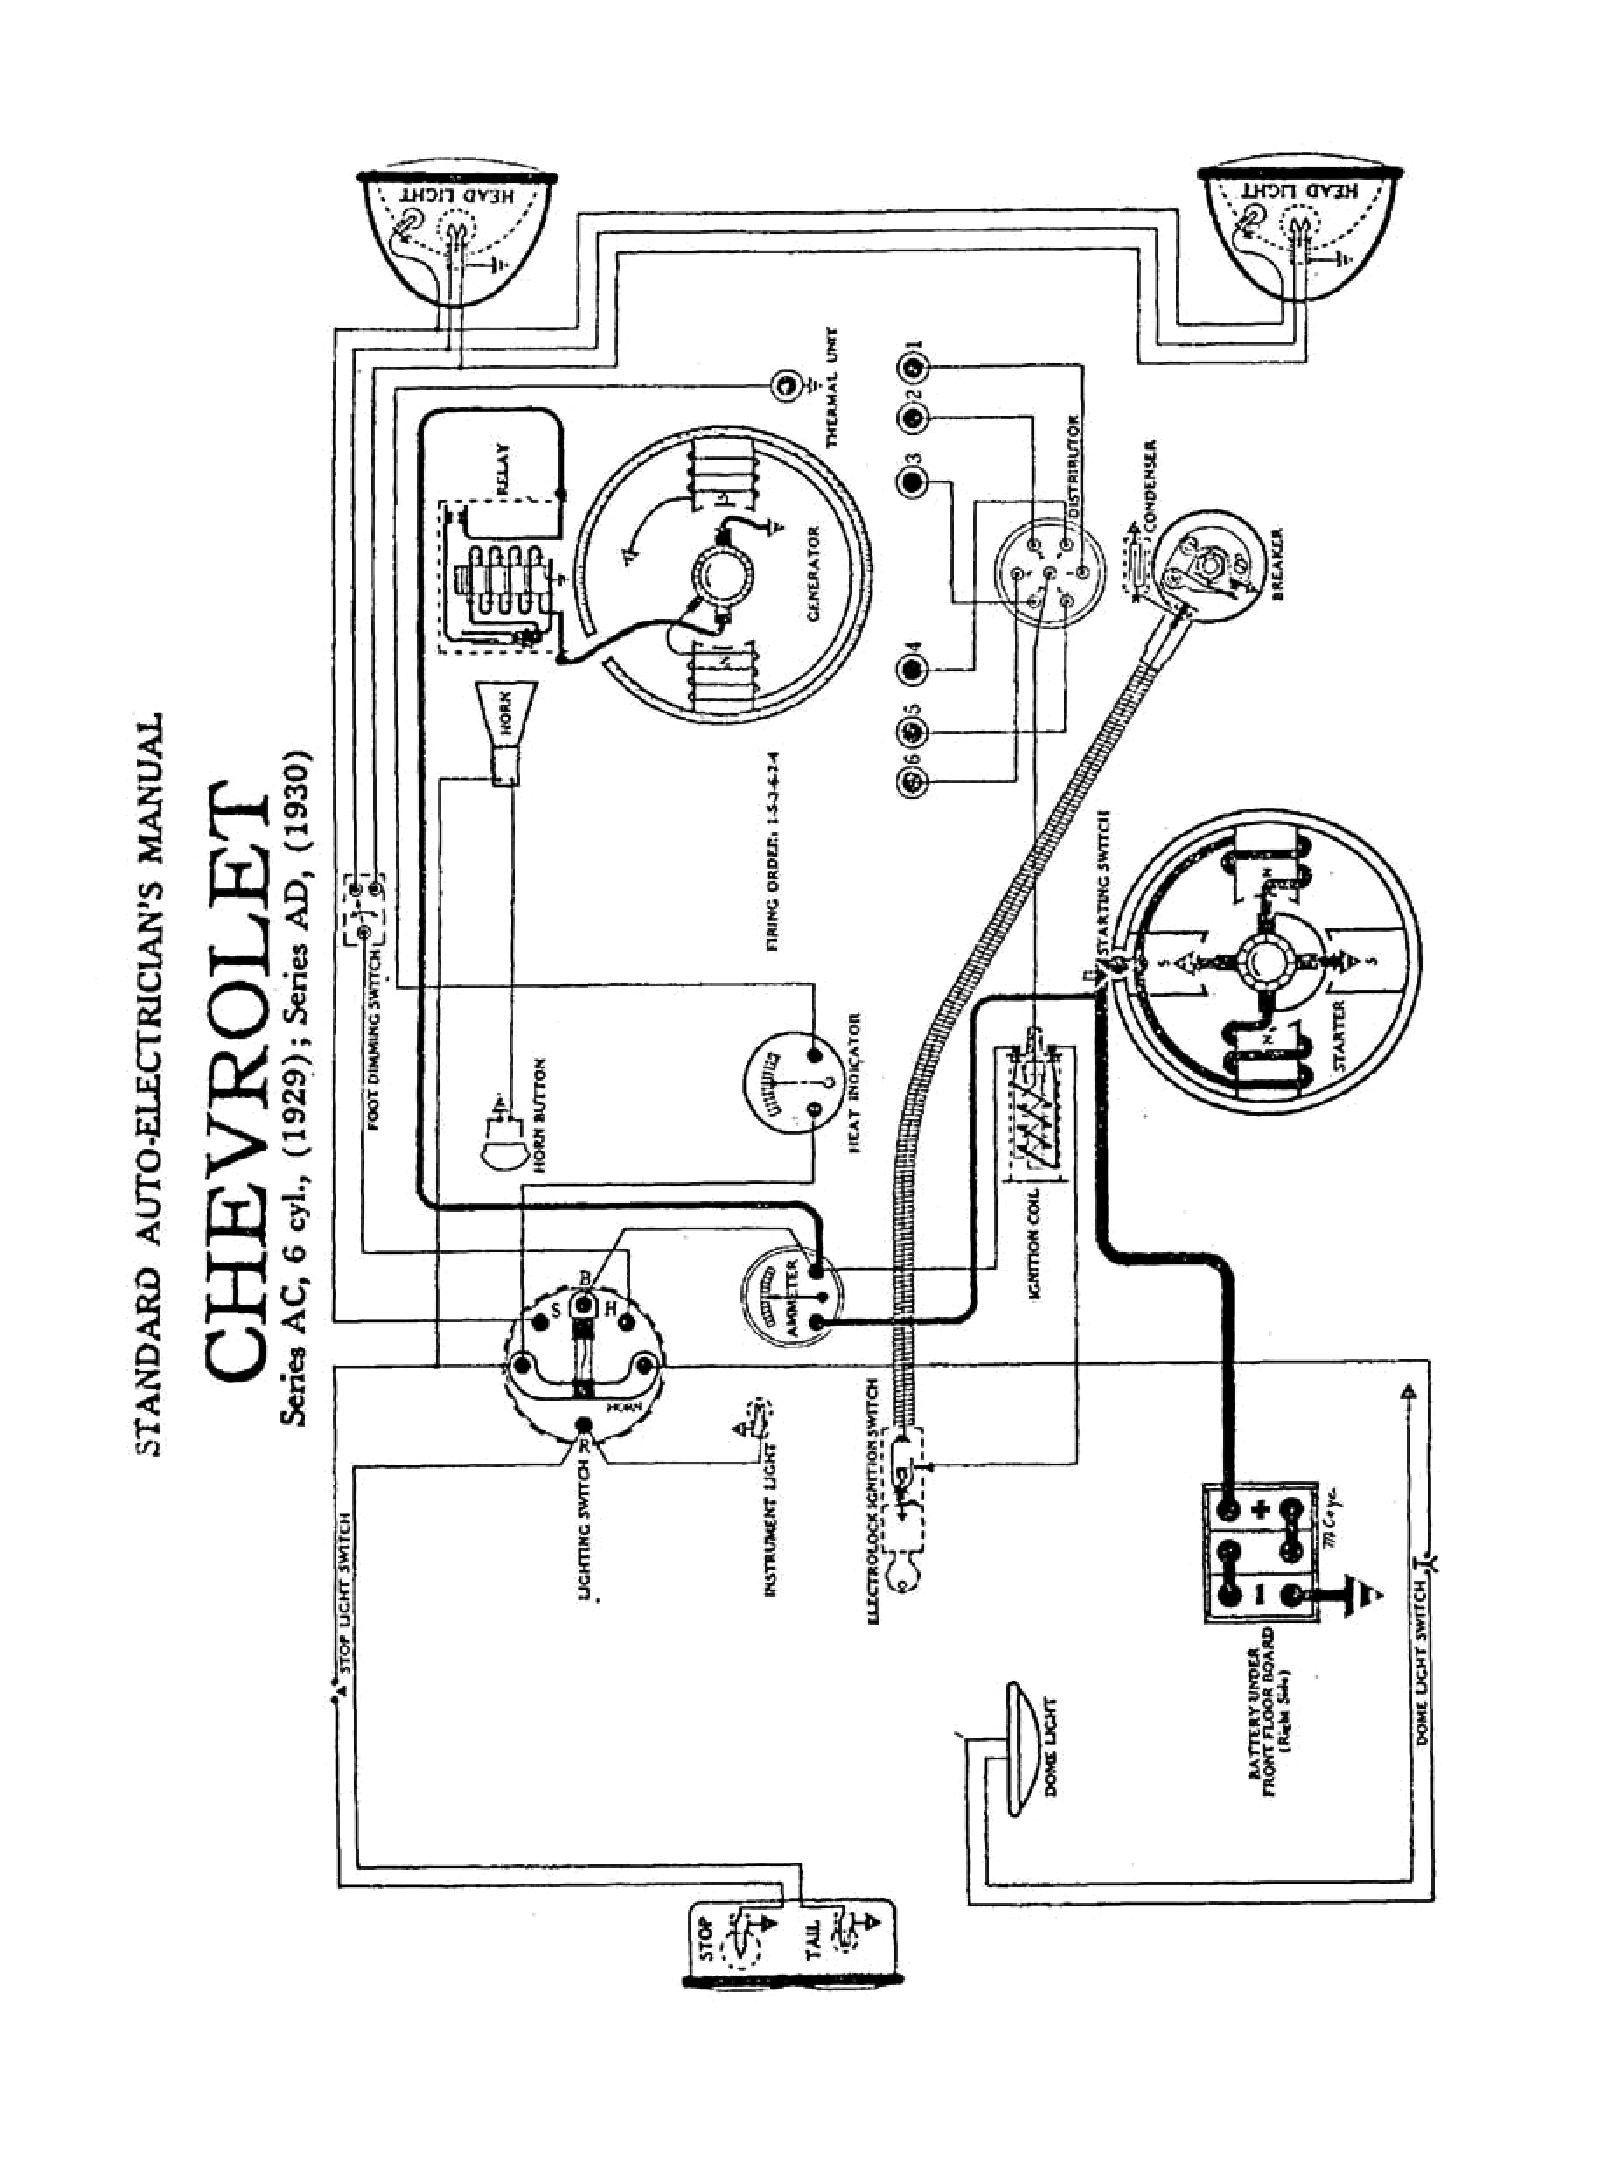 New Wiring Diagram Of Zen Car Diagram Diagramtemplate Diagramsample